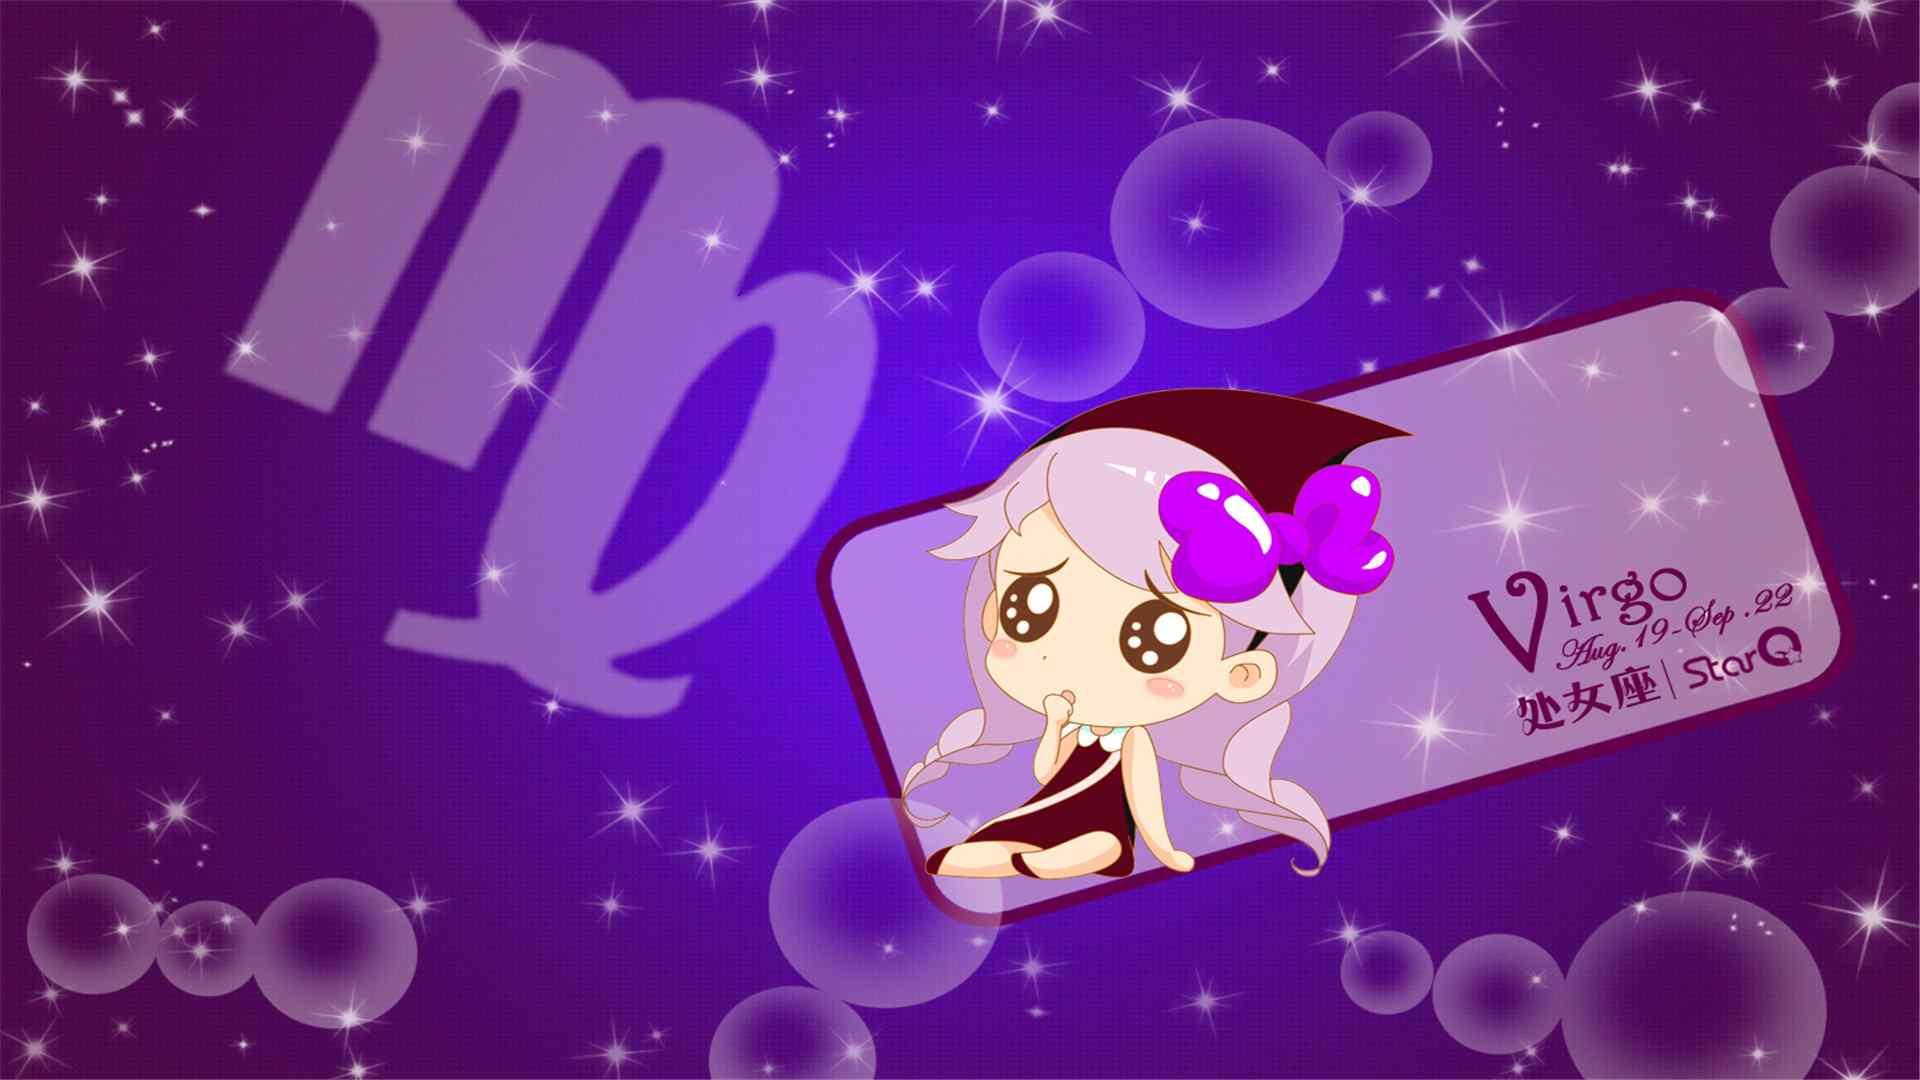 紫色背景下可爱小女孩处女座壁纸下载